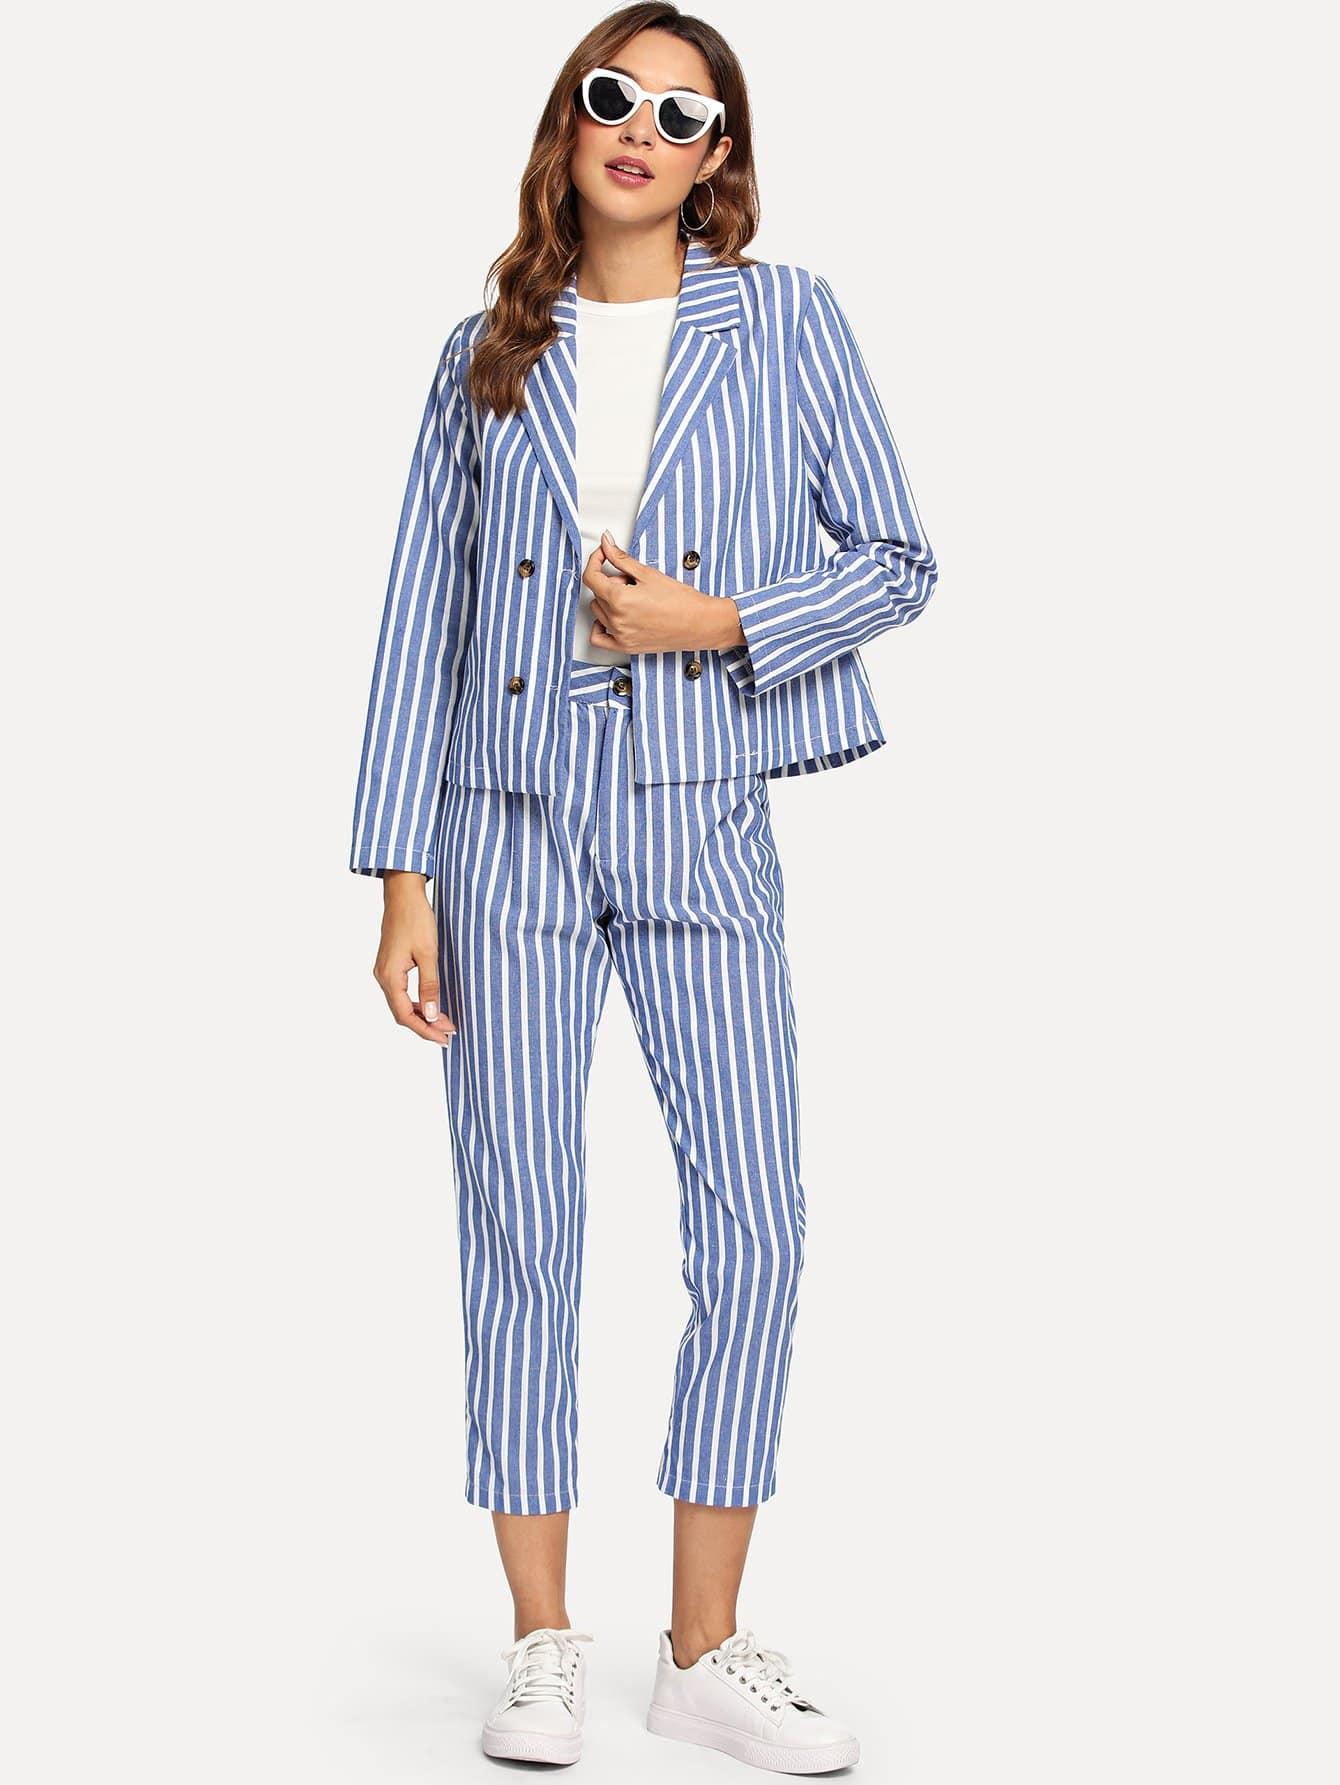 Двубортный полосатый пиджак и брюки, Gabi B, SheIn  - купить со скидкой